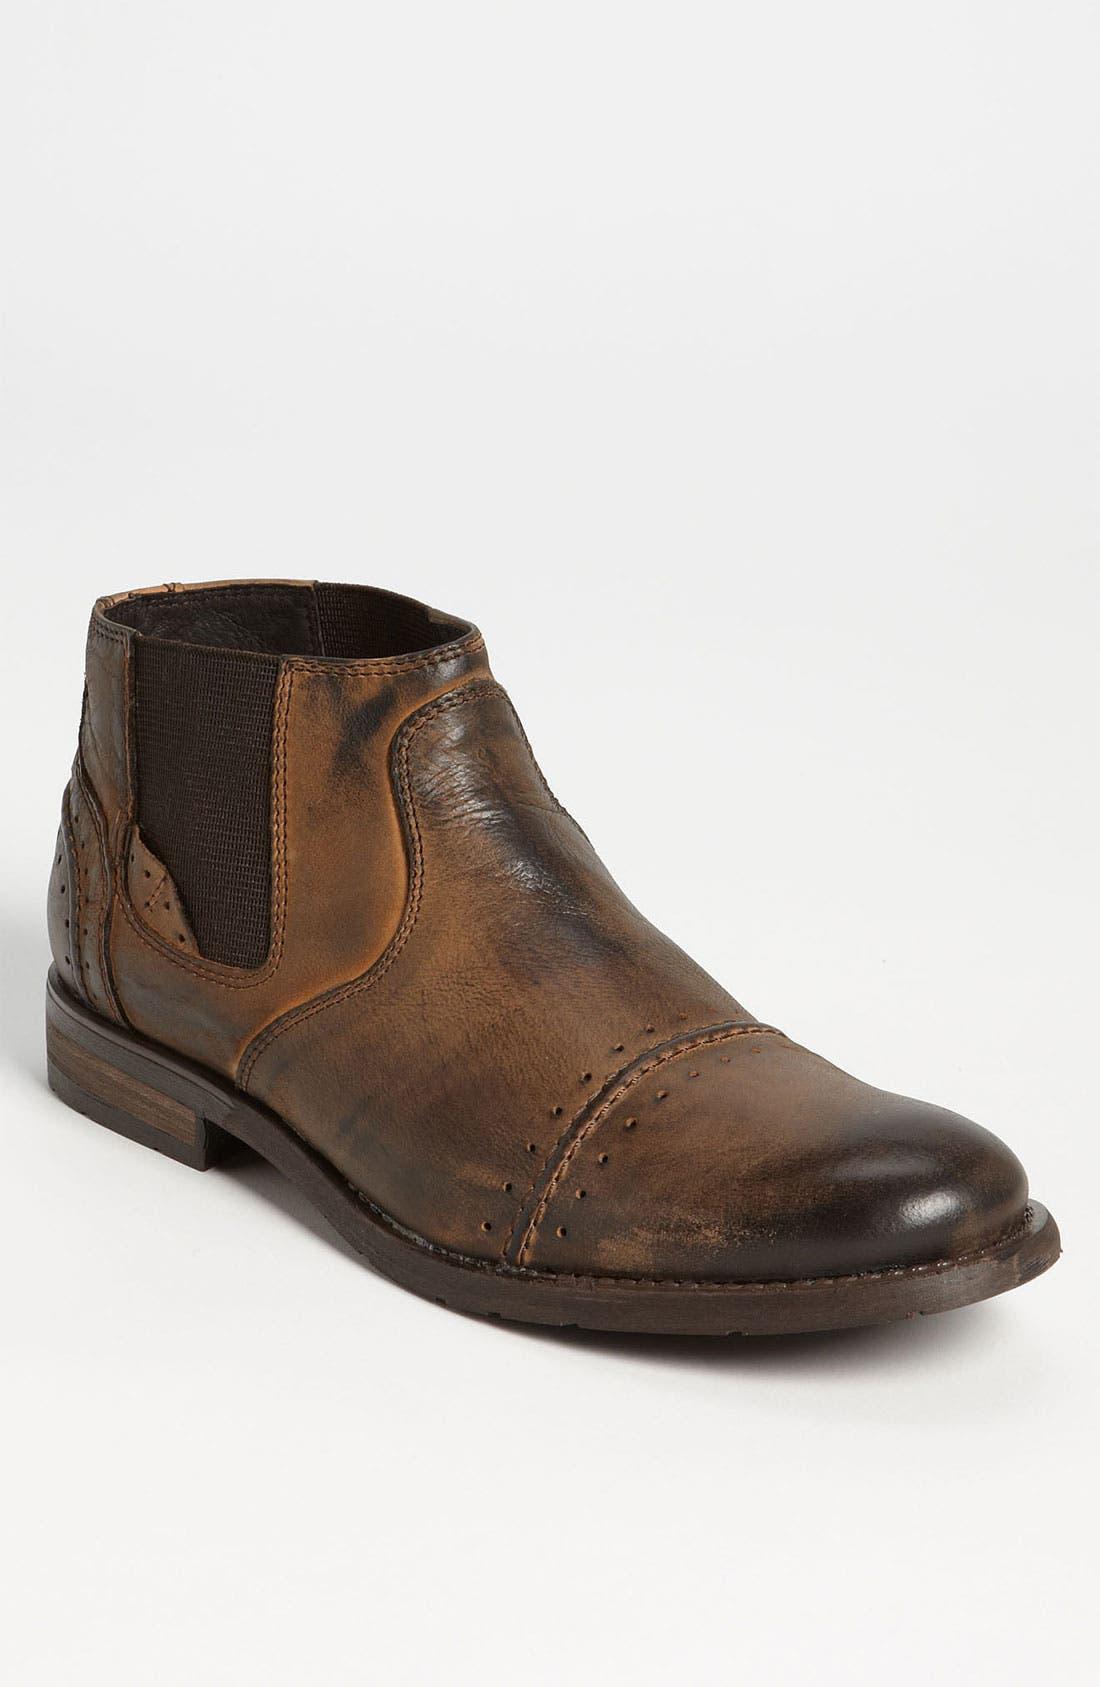 Main Image - Bacco Bucci 'Borelli' Chelsea Boot (Men)